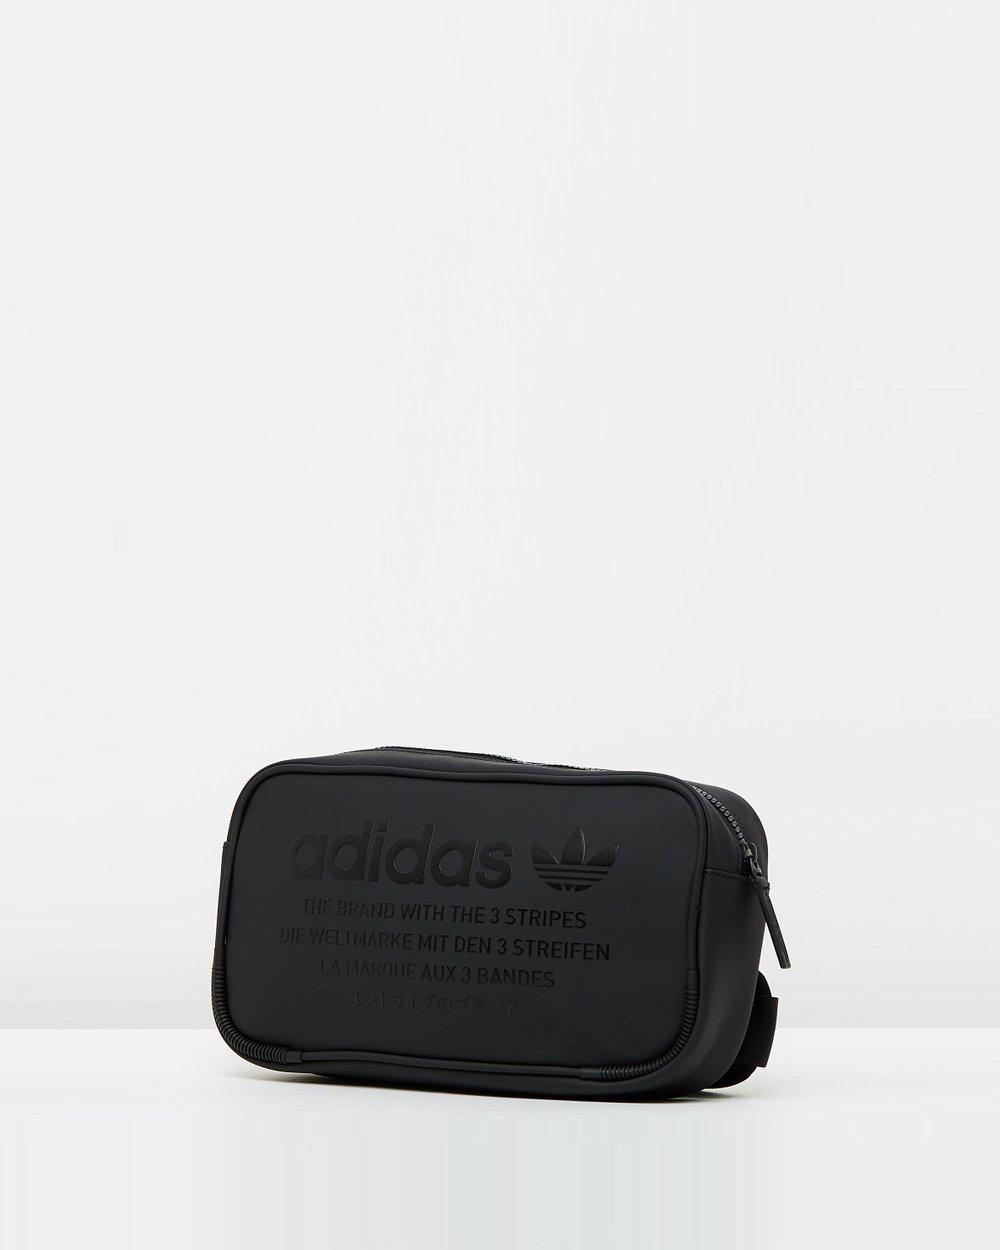 61506e8e01 NMD Waist Pouch by adidas Originals Online